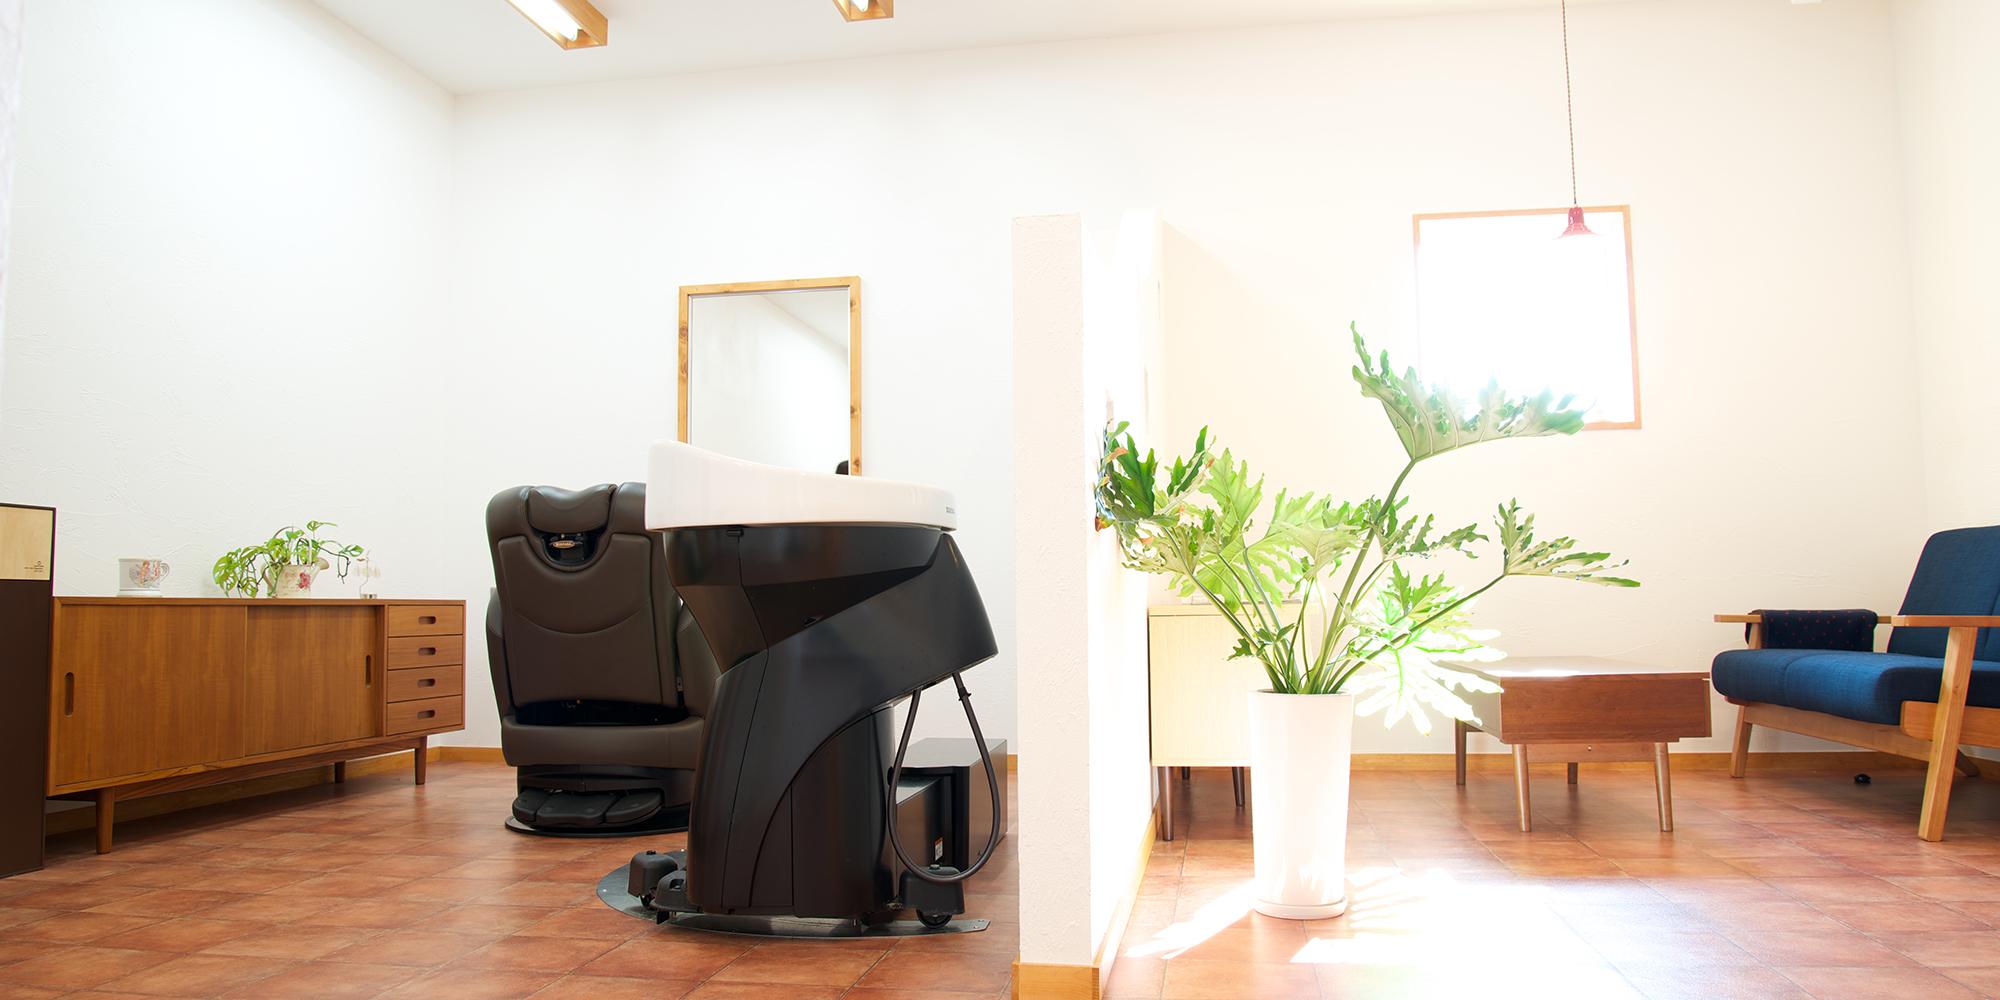 米子市東福原の美容室・hairsalon faveur-ヘアーサロン ファブール